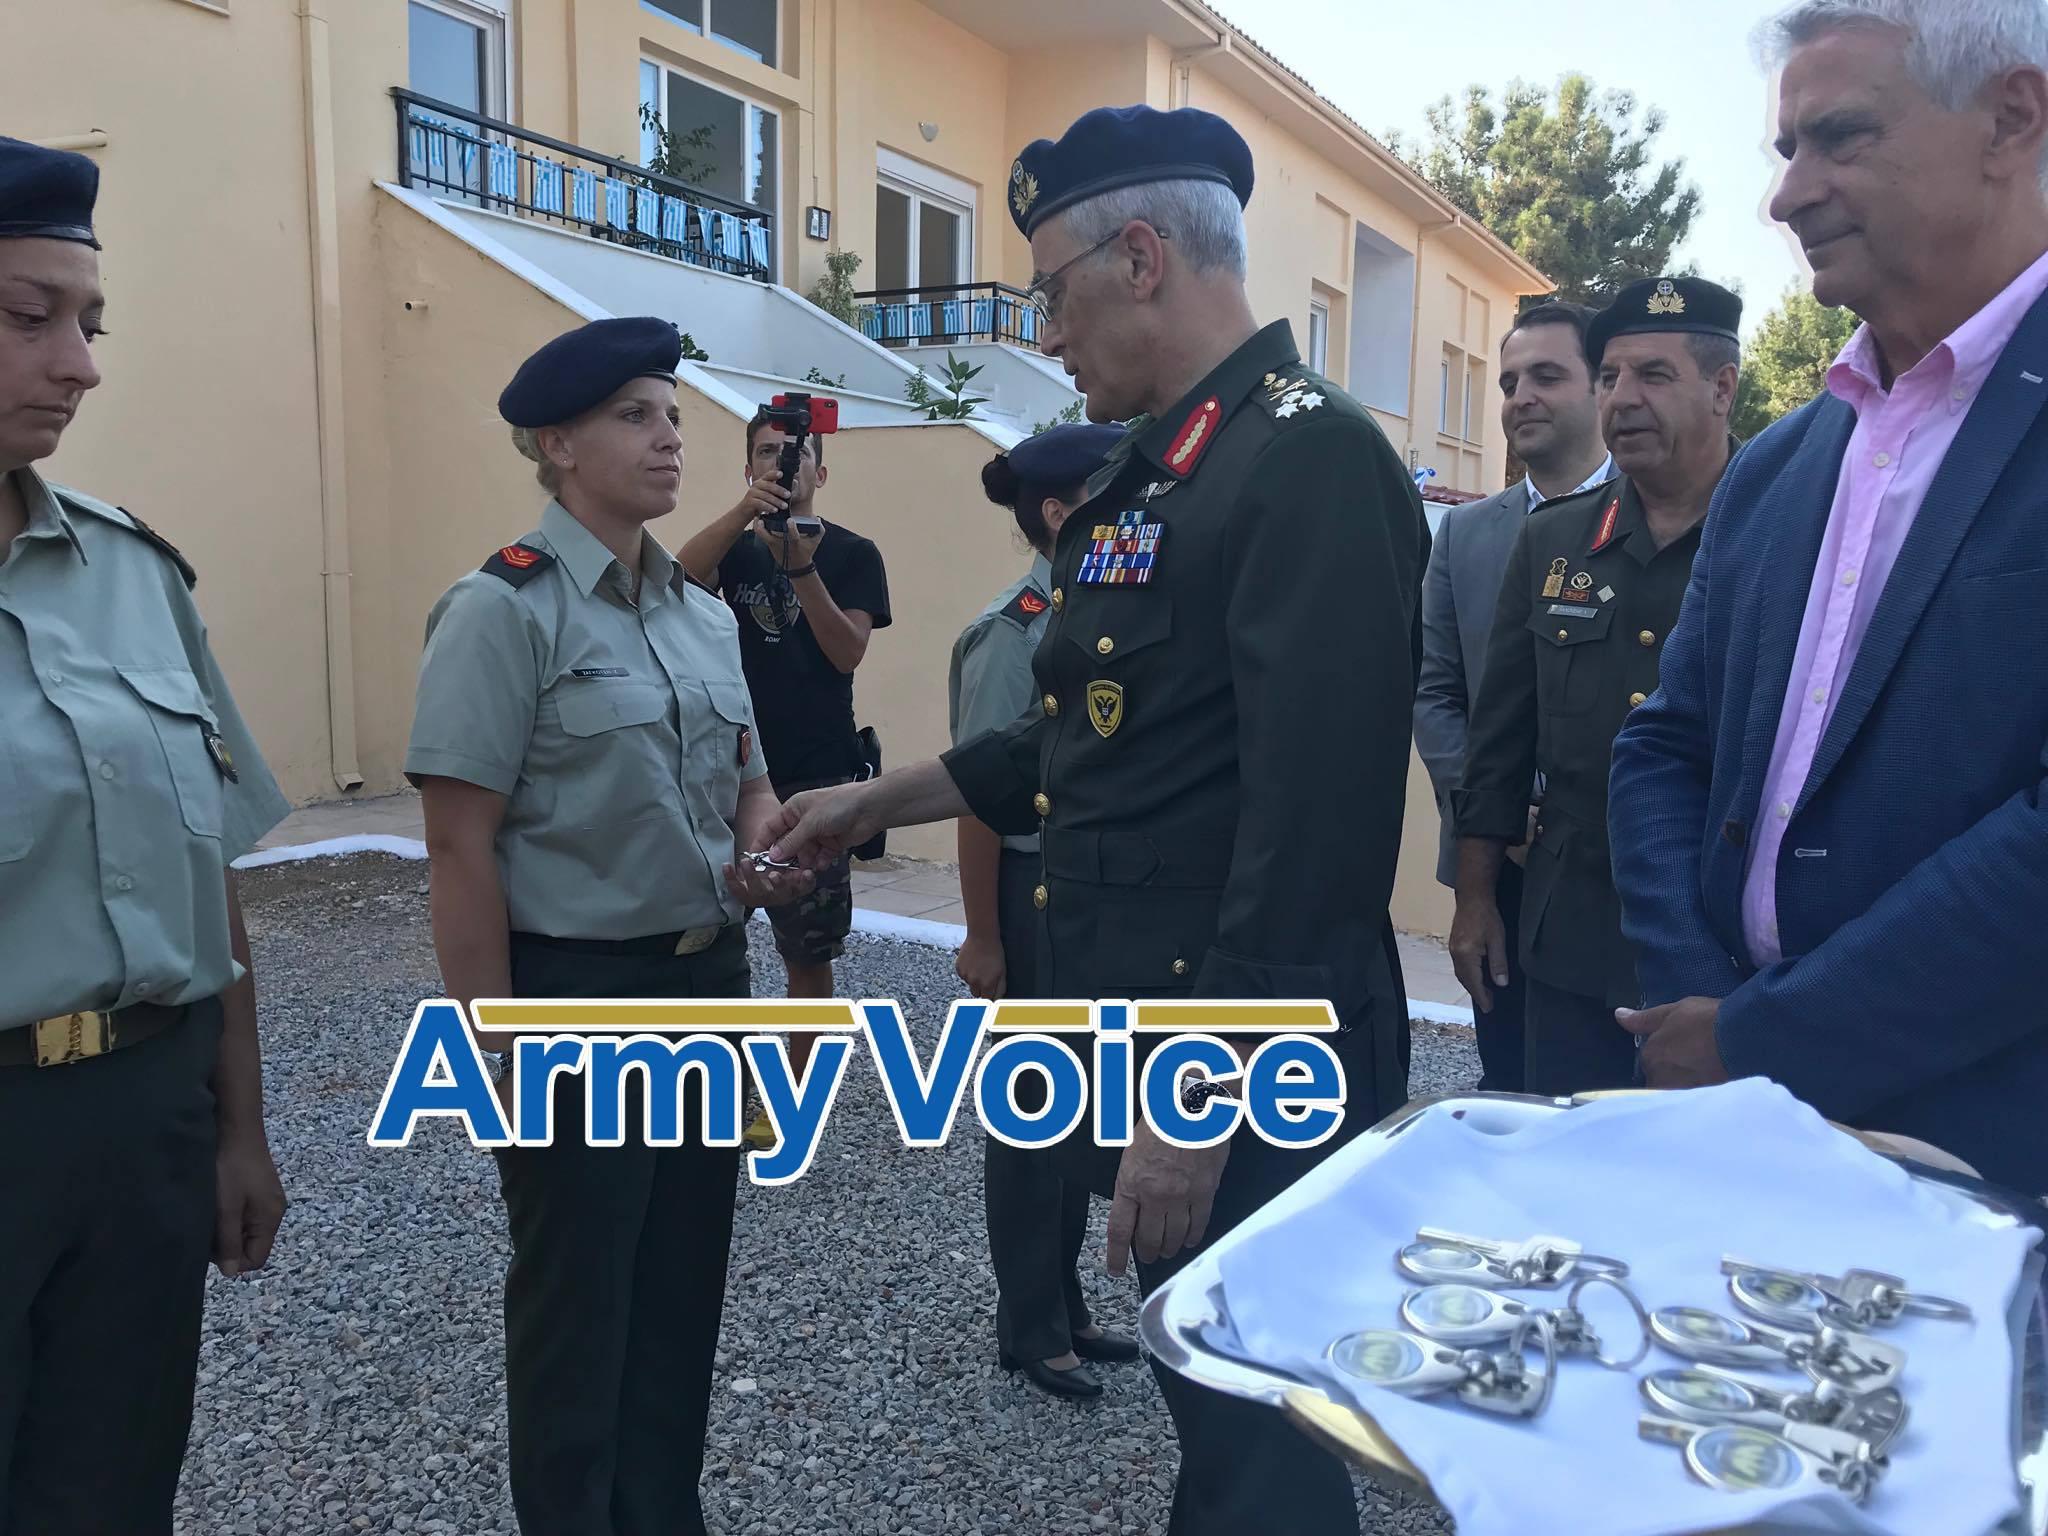 12η Μεραρχία ΣΟΕΠΟΠ: Τα κλειδιά στο χέρι των ΕΠΟΠ έδωσε ο Αρχηγός ΓΕΣ - ΦΩΤΟ